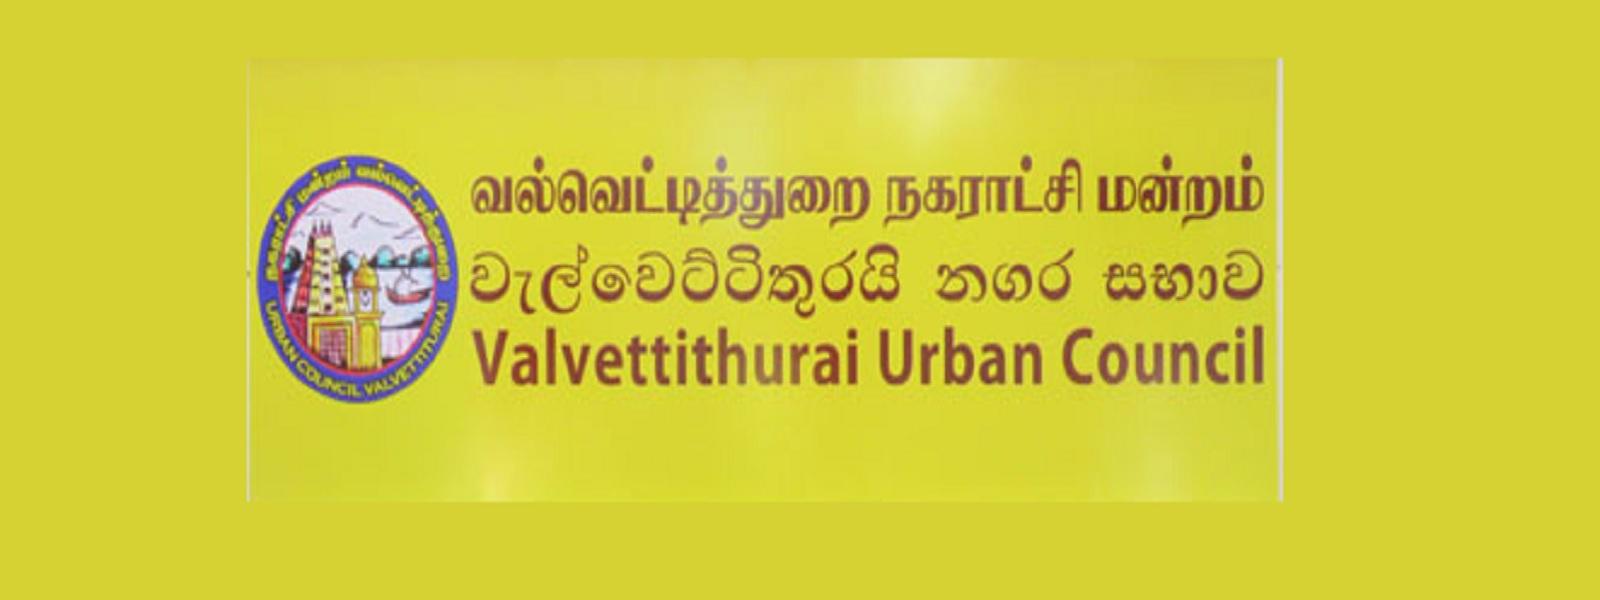 வல்வெட்டித்துறை நகரசபையின் ஆட்சி அதிகாரத்தை இழந்தது தமிழ் தேசியக் கூட்டமைப்பு